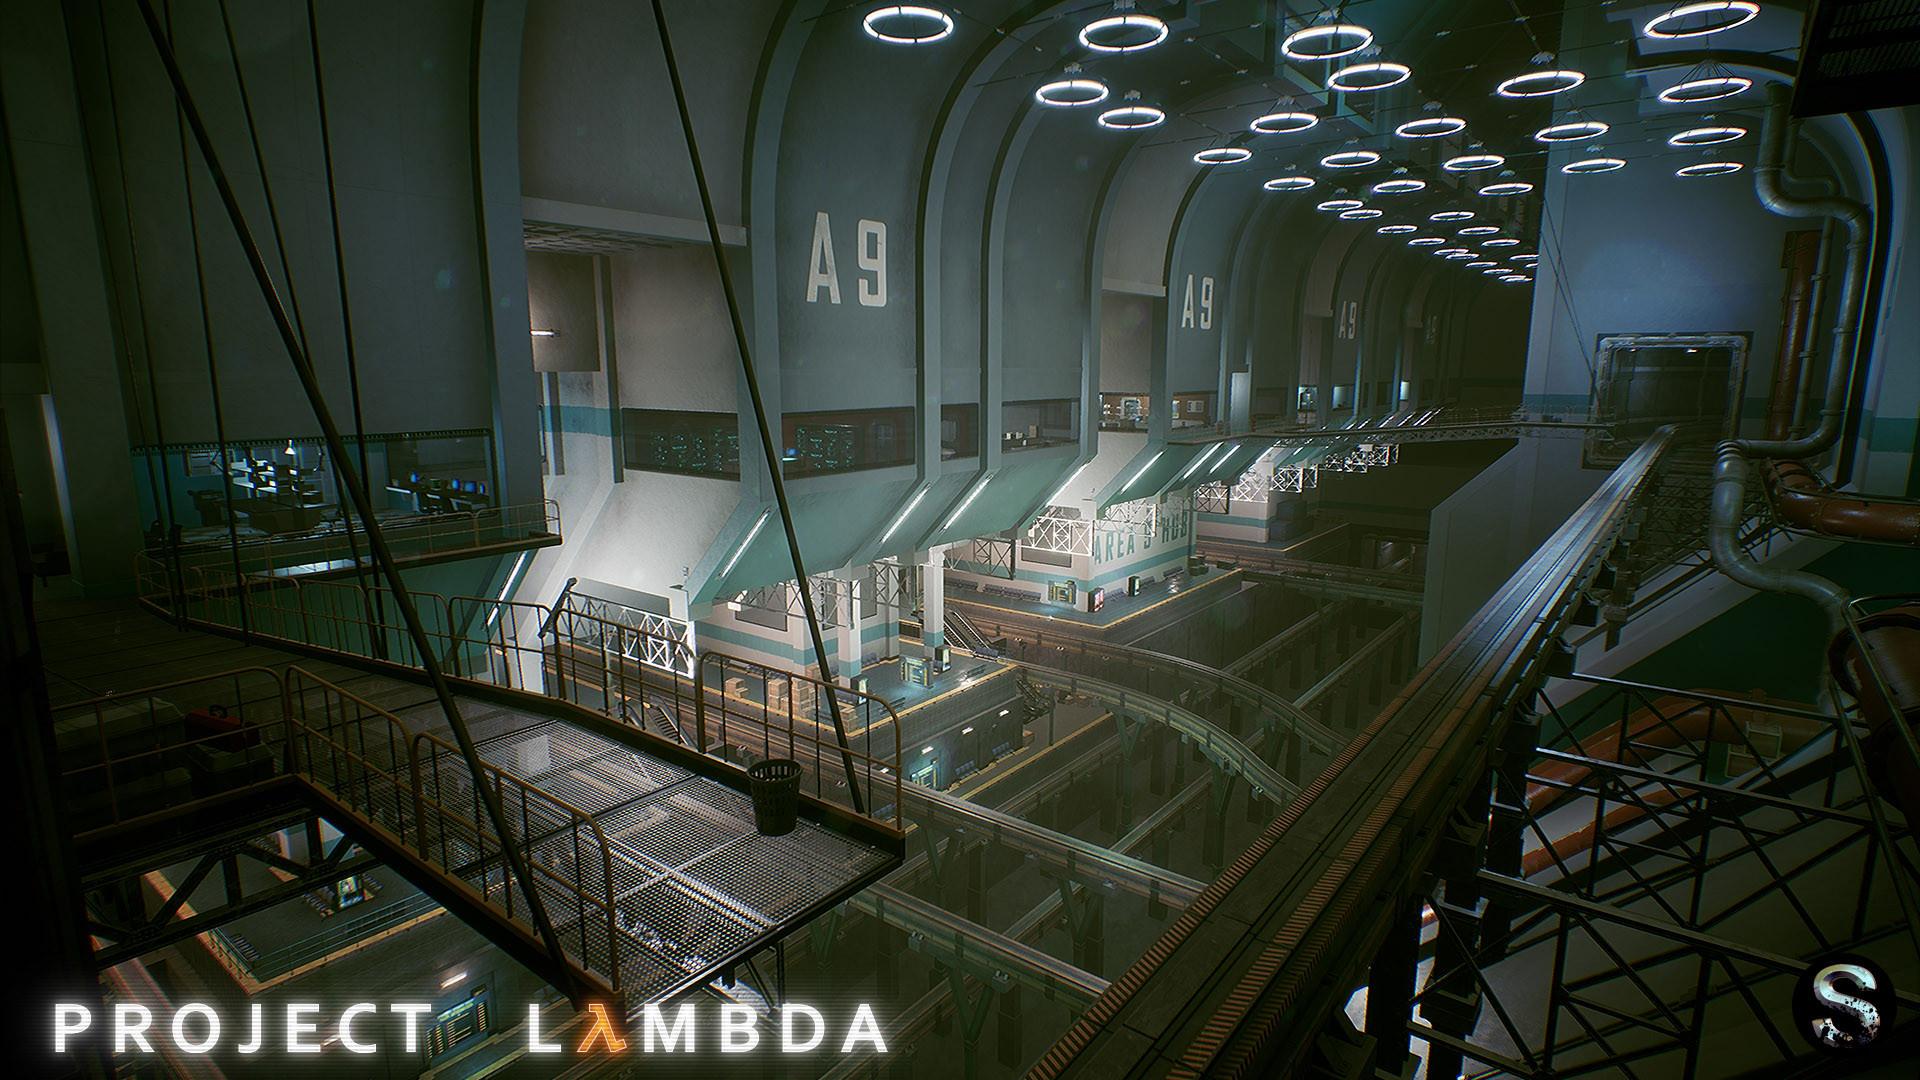 تصاویر زیبایی از پروژه بازسازی Half Life منتشر شد